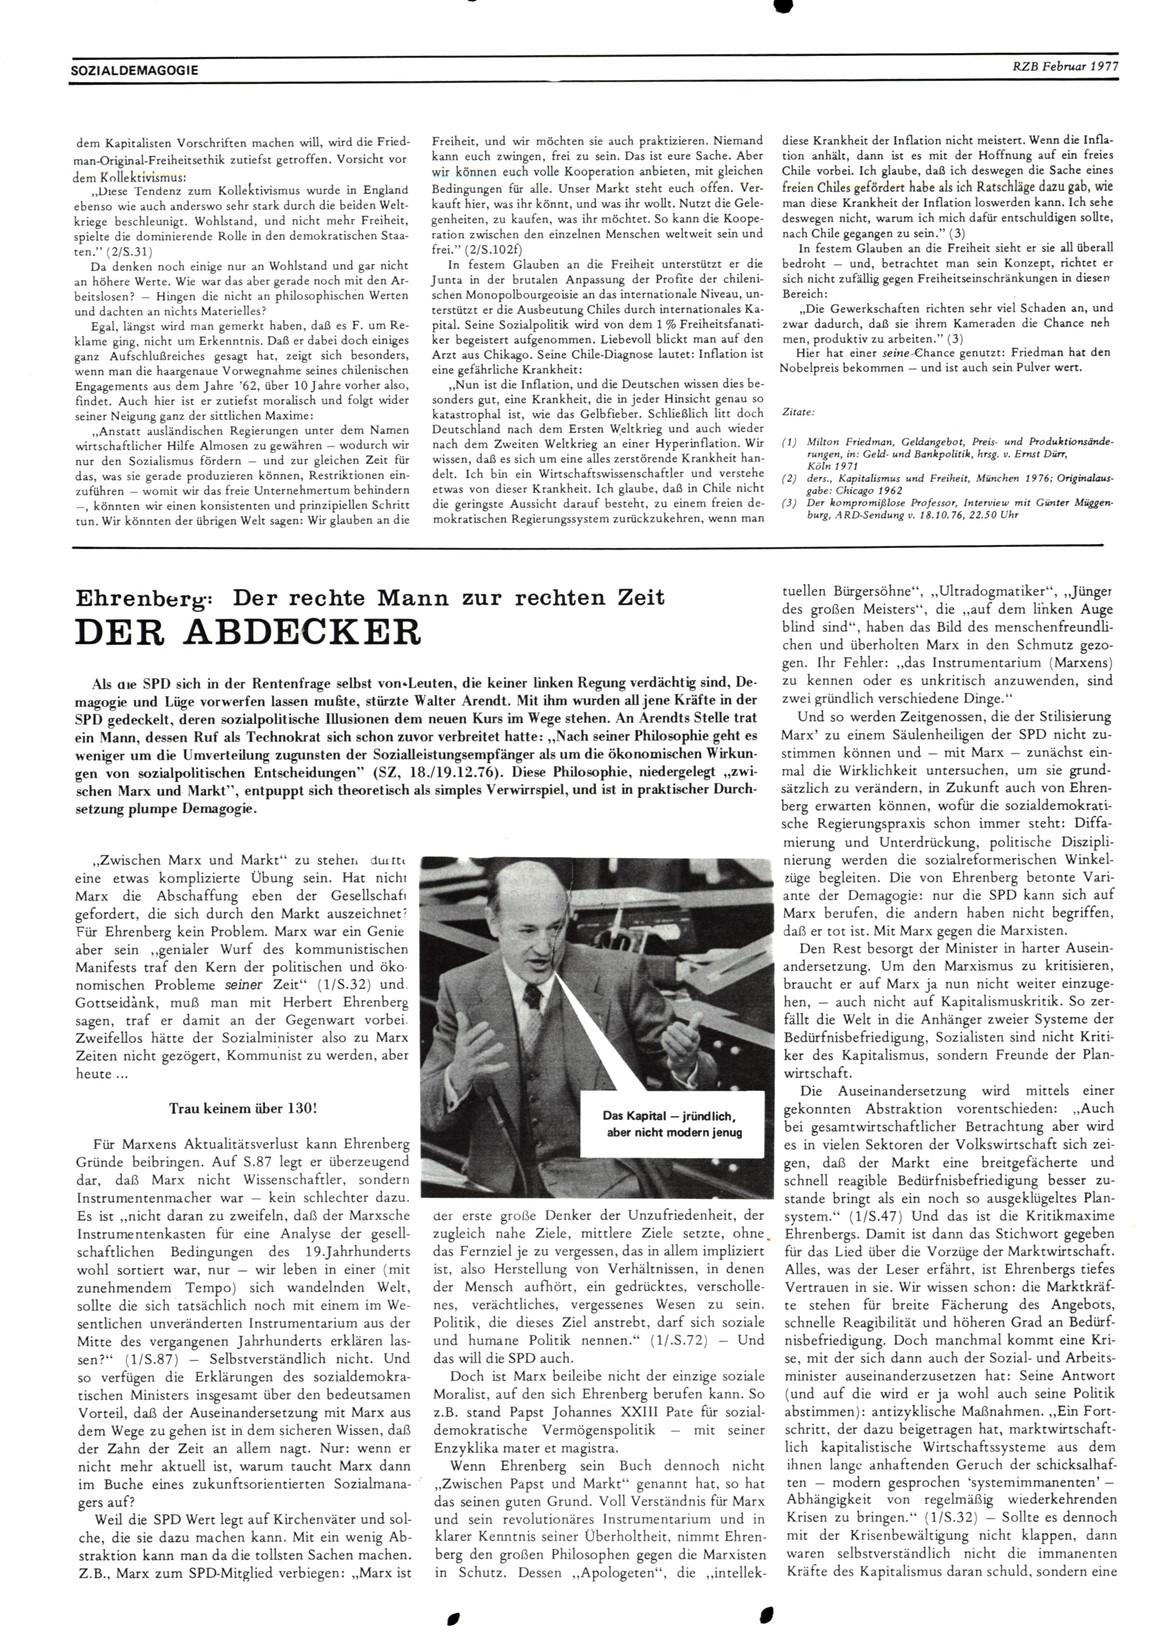 Bonn_RZ_07_08_19770200_26